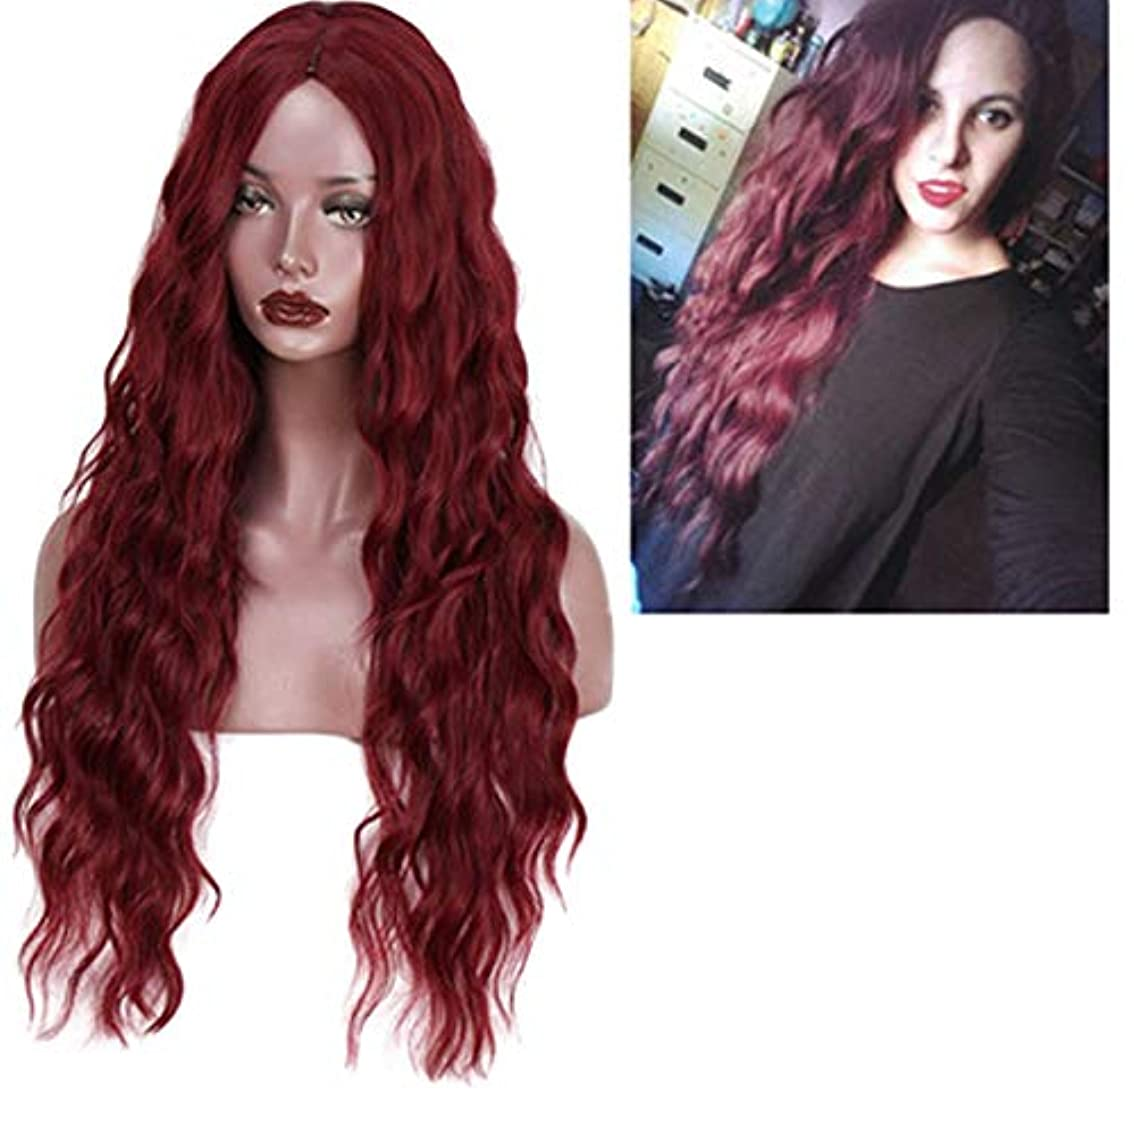 スタジオエスカレーター学校の先生かつら女性150%密度波状の長い巻き毛の合成耐熱繊維の毛